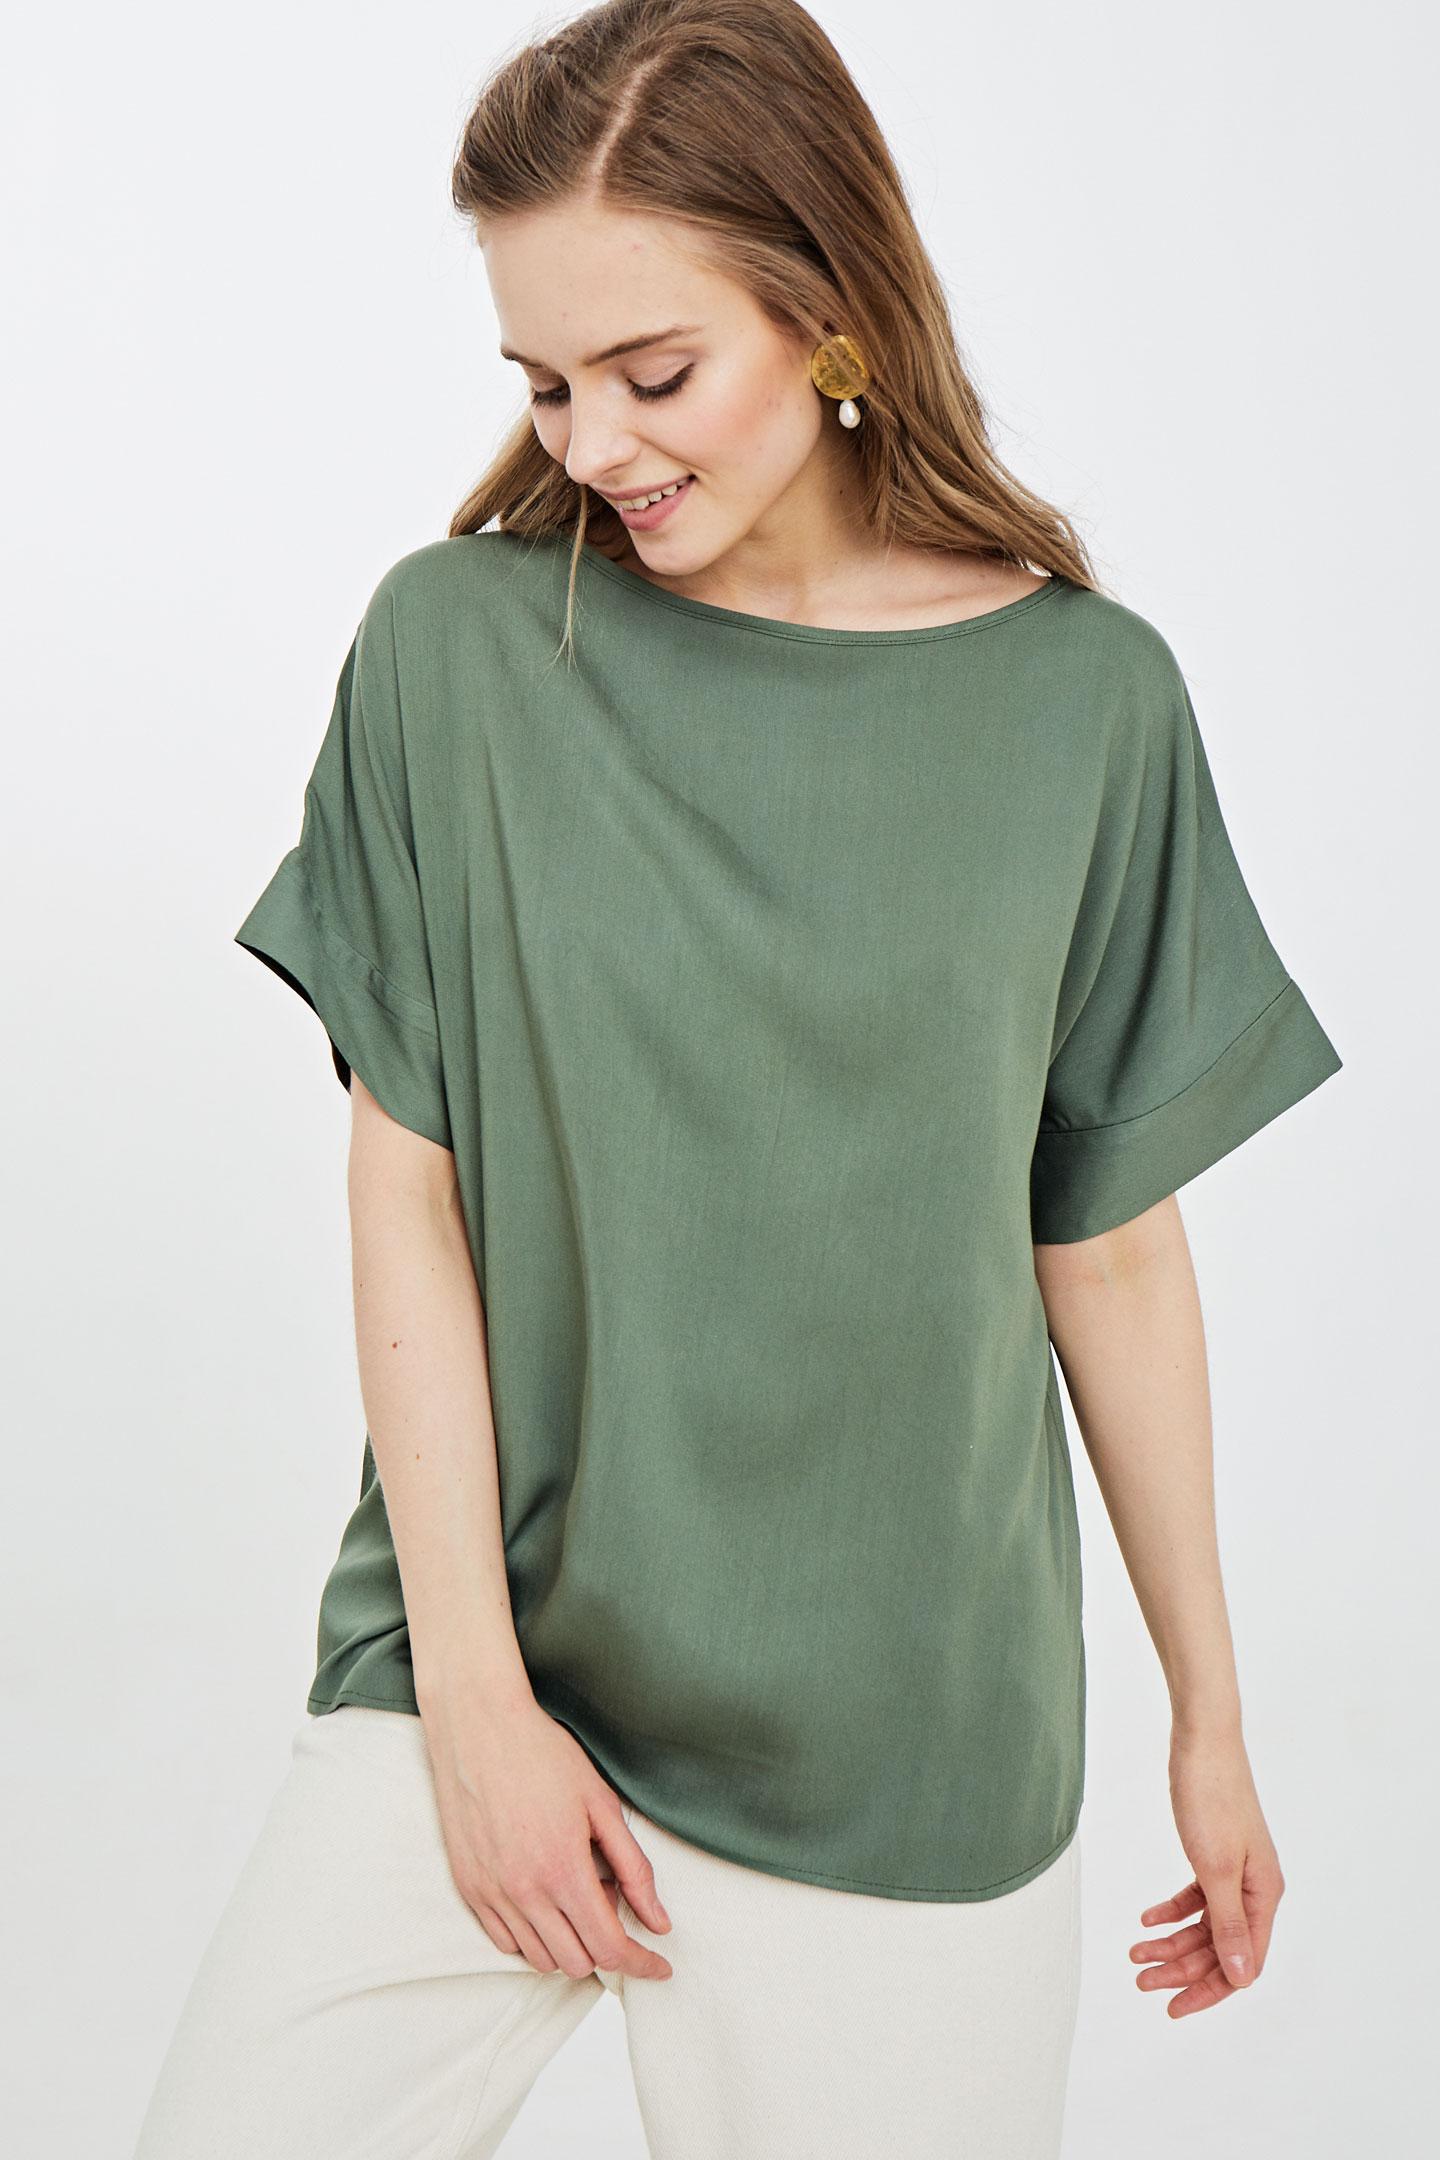 23aba4d2709 Женские блузки и рубашки Купить в интернет магазине Click-Boutique